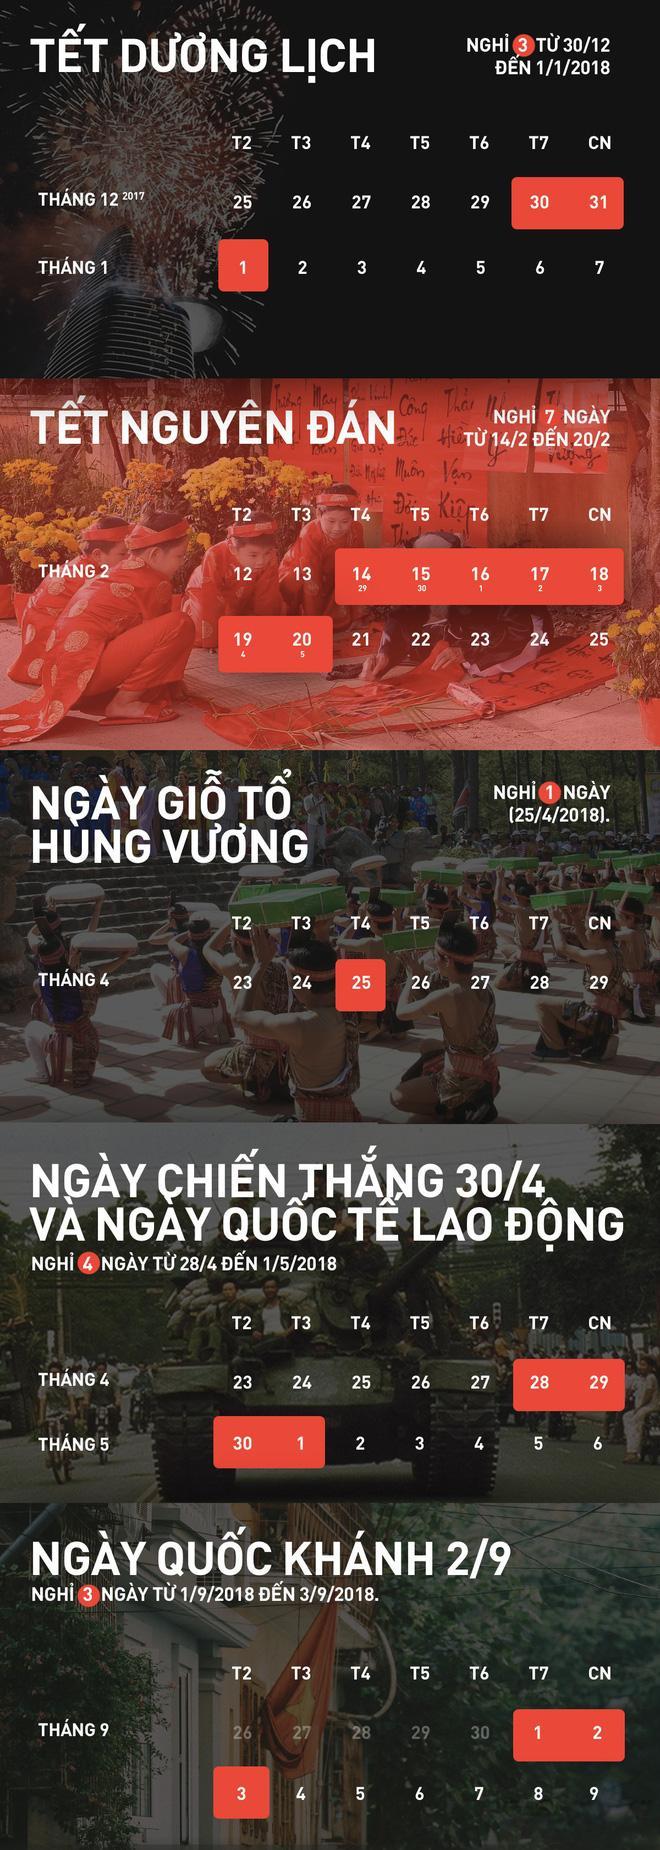 Chi tiết lịch nghỉ các ngày lễ Tết trong năm 2018-1